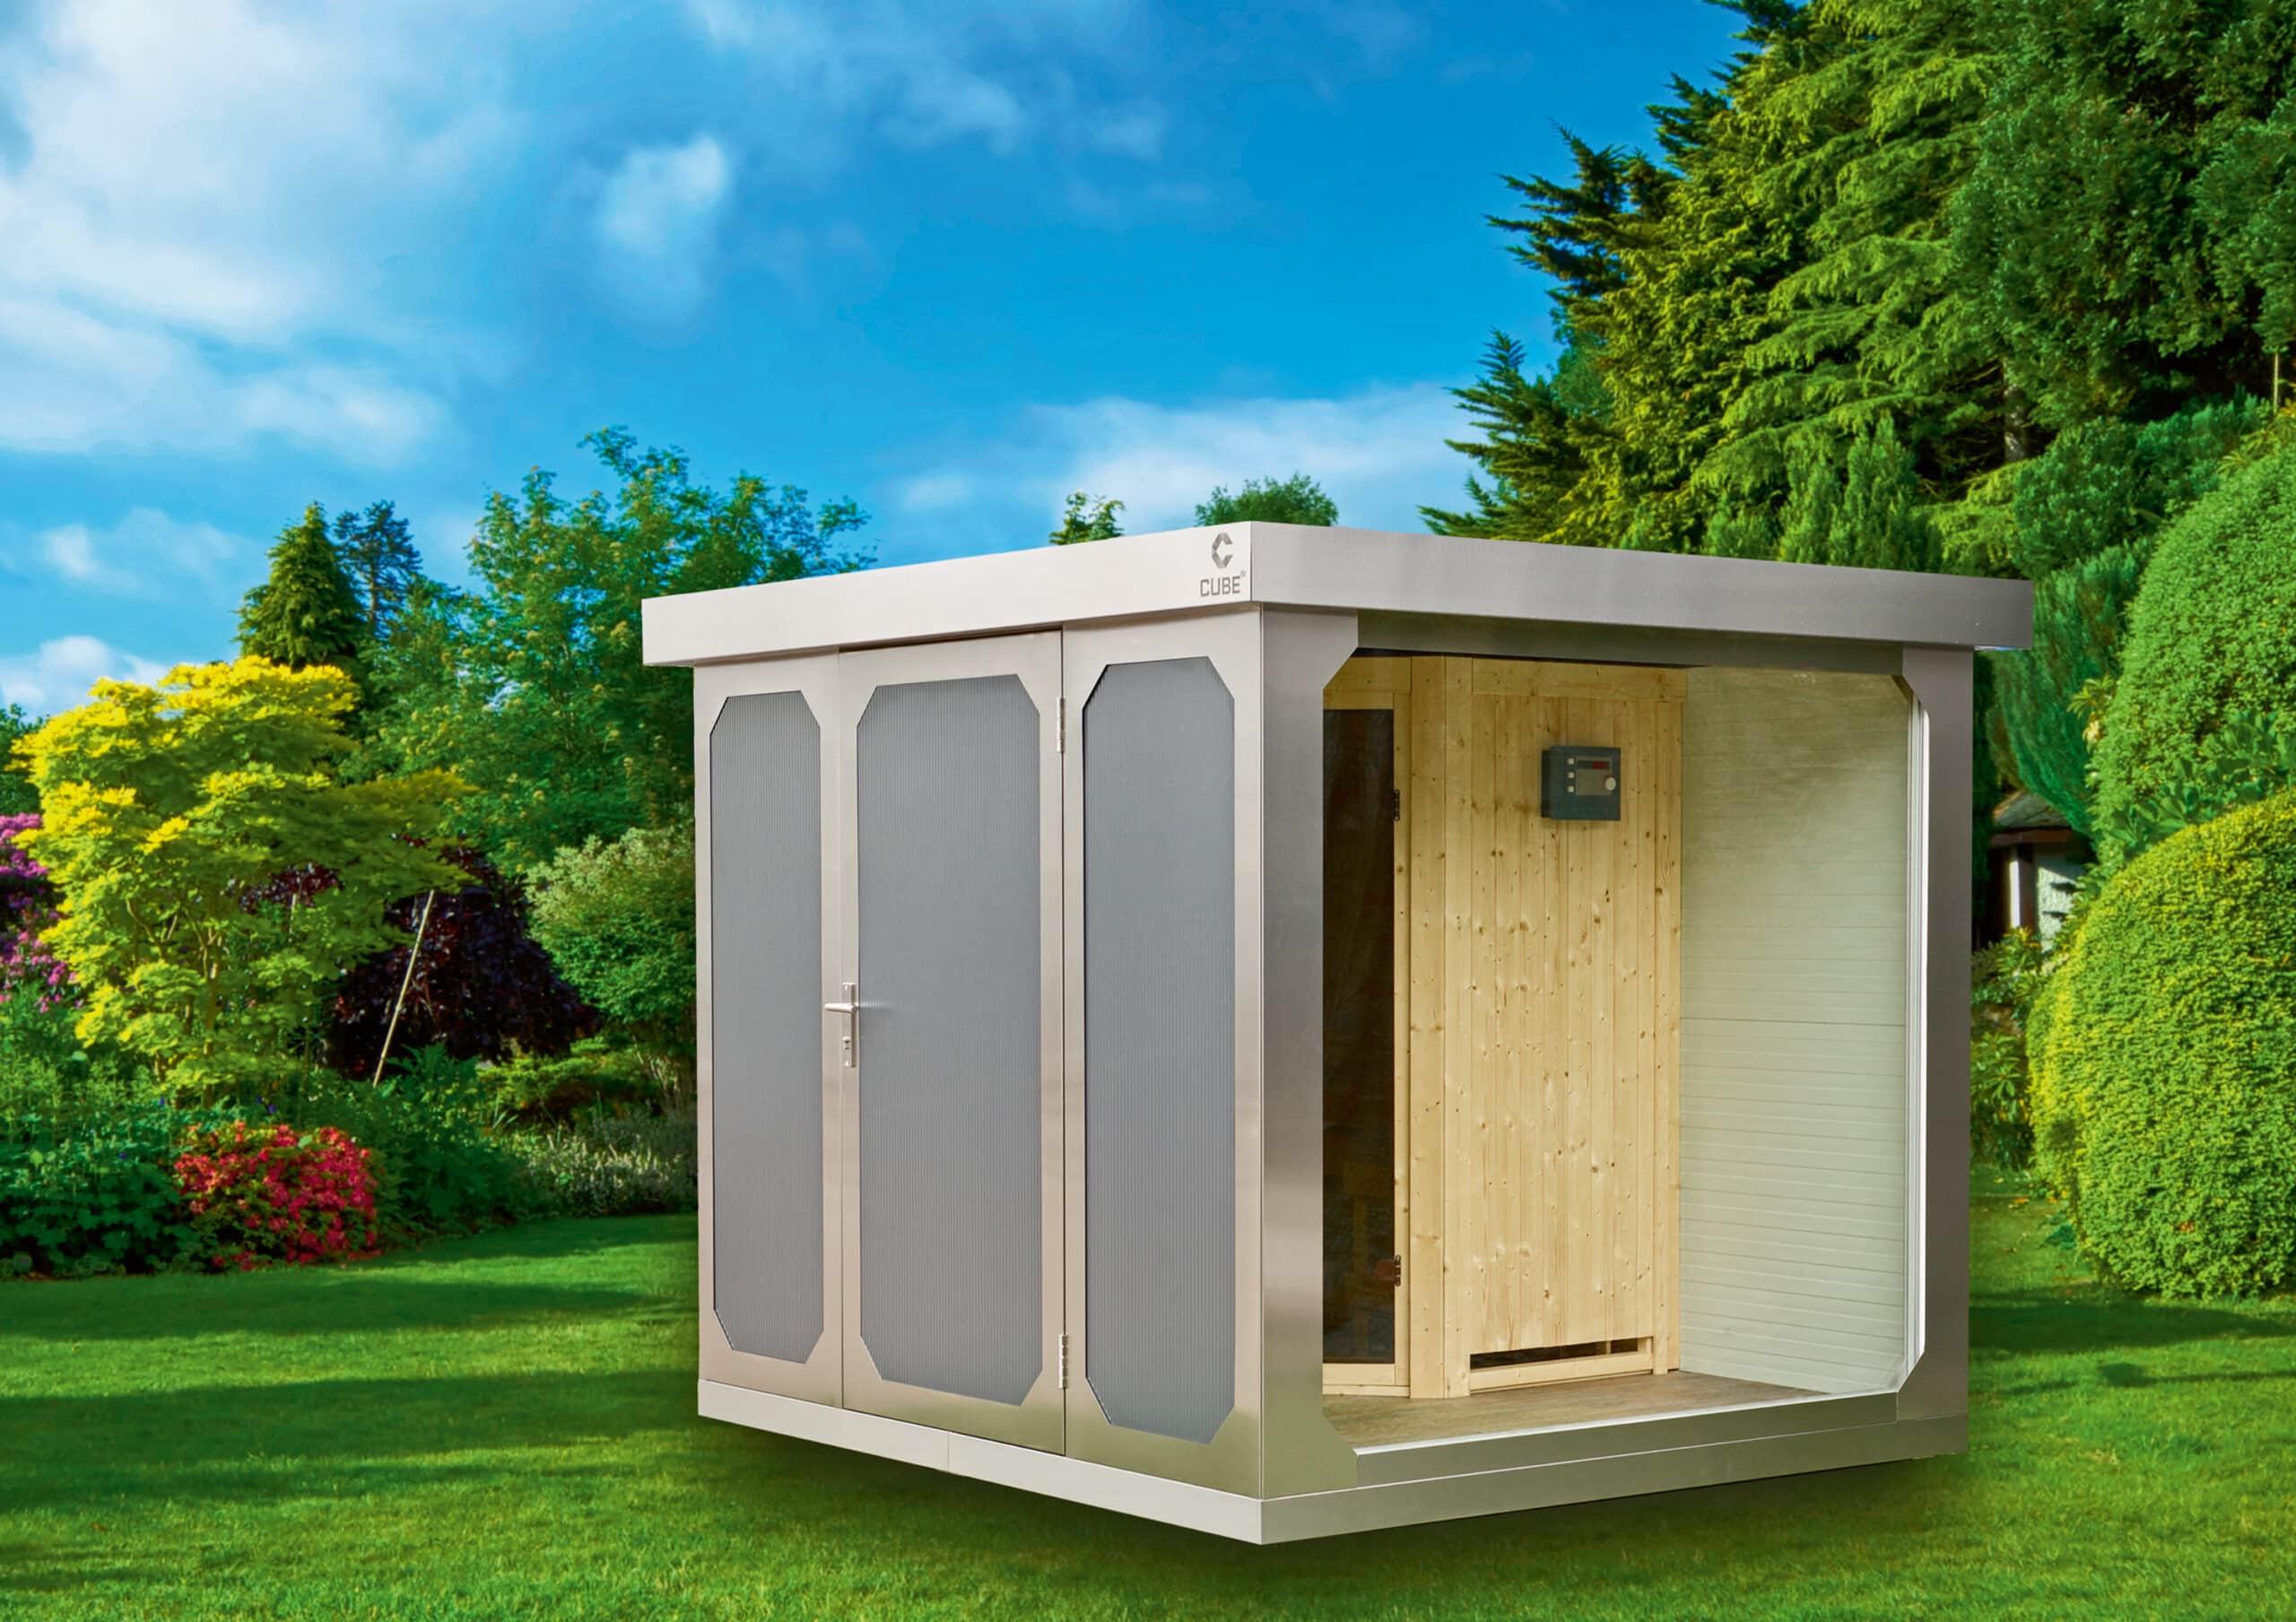 Outdoorküche Camping Outdoor : Camping outdoor küche paneele weiß küche gasherd ikea